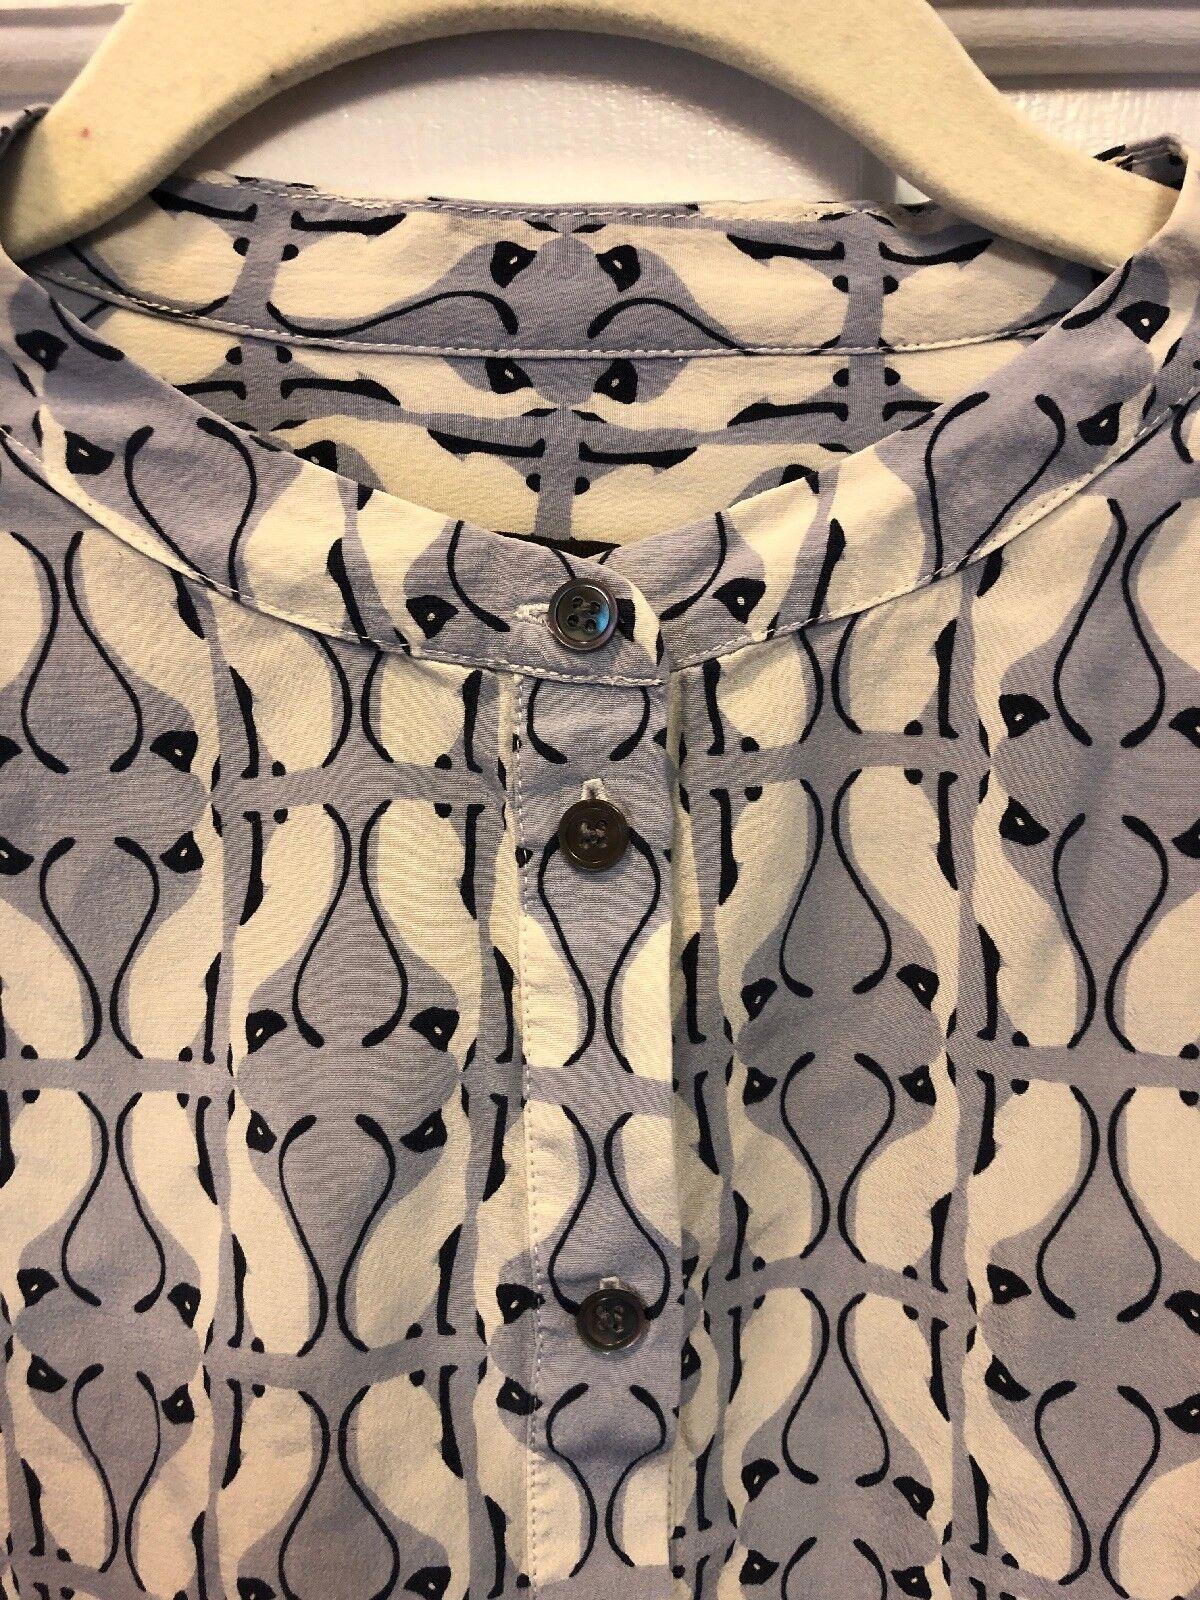 11. J. Crew CAT Print 100% Silk Pop Over Top Shirt Blouse Siamese Cats Größe 4